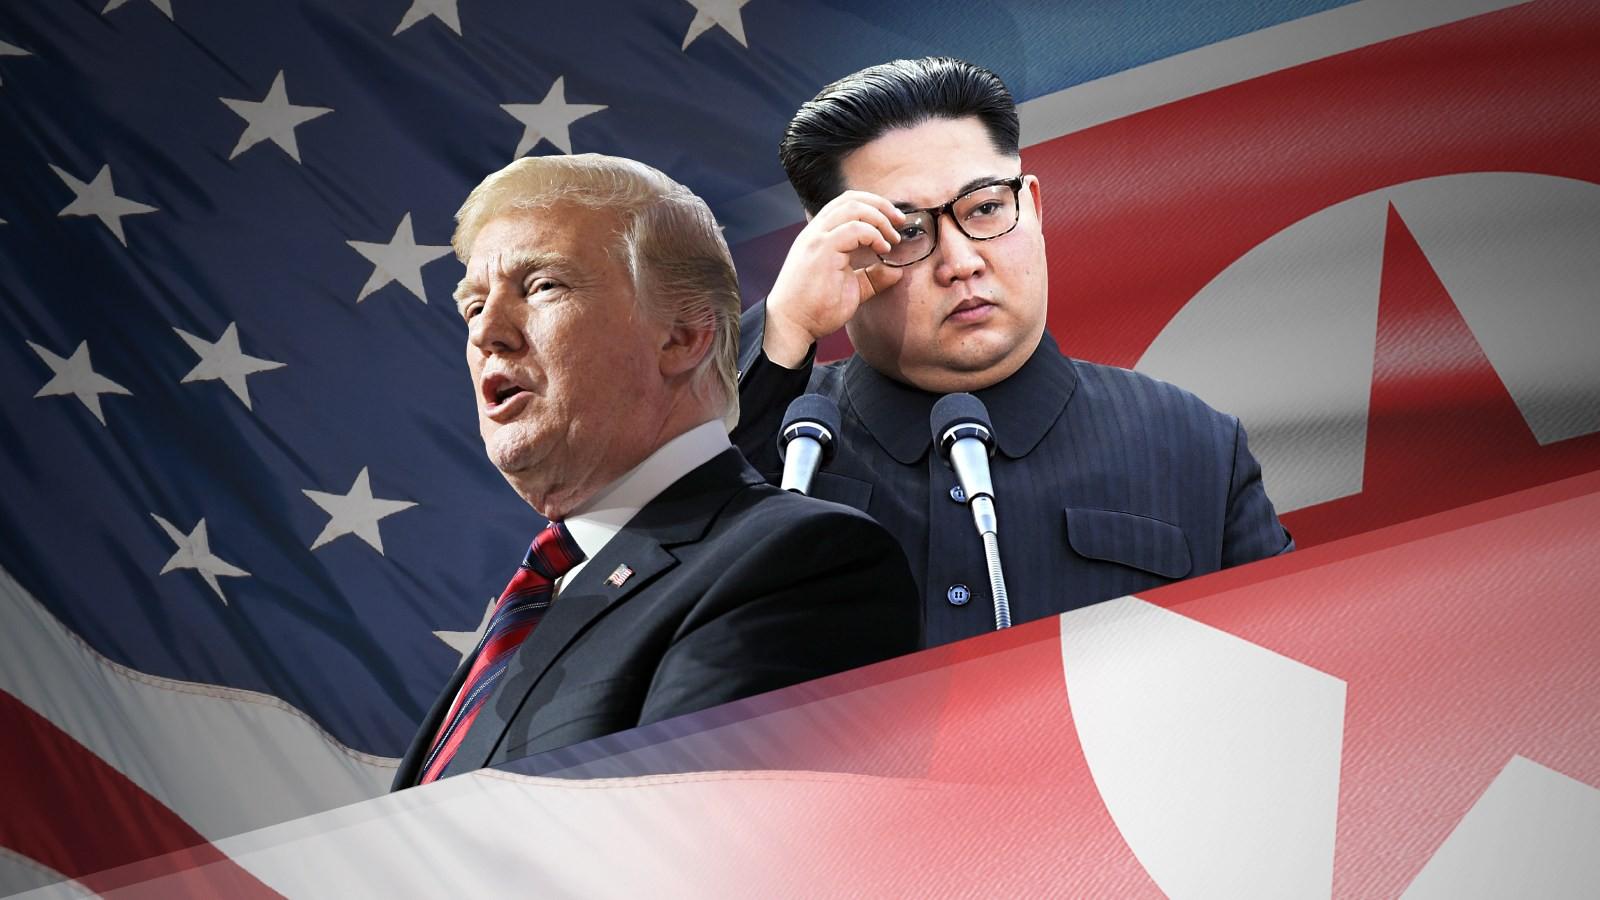 Cuộc gặp lịch sử giữa Tổng thống Mỹ Donald Trump và lãnh đạo Triều Tiên Kim Jong-un